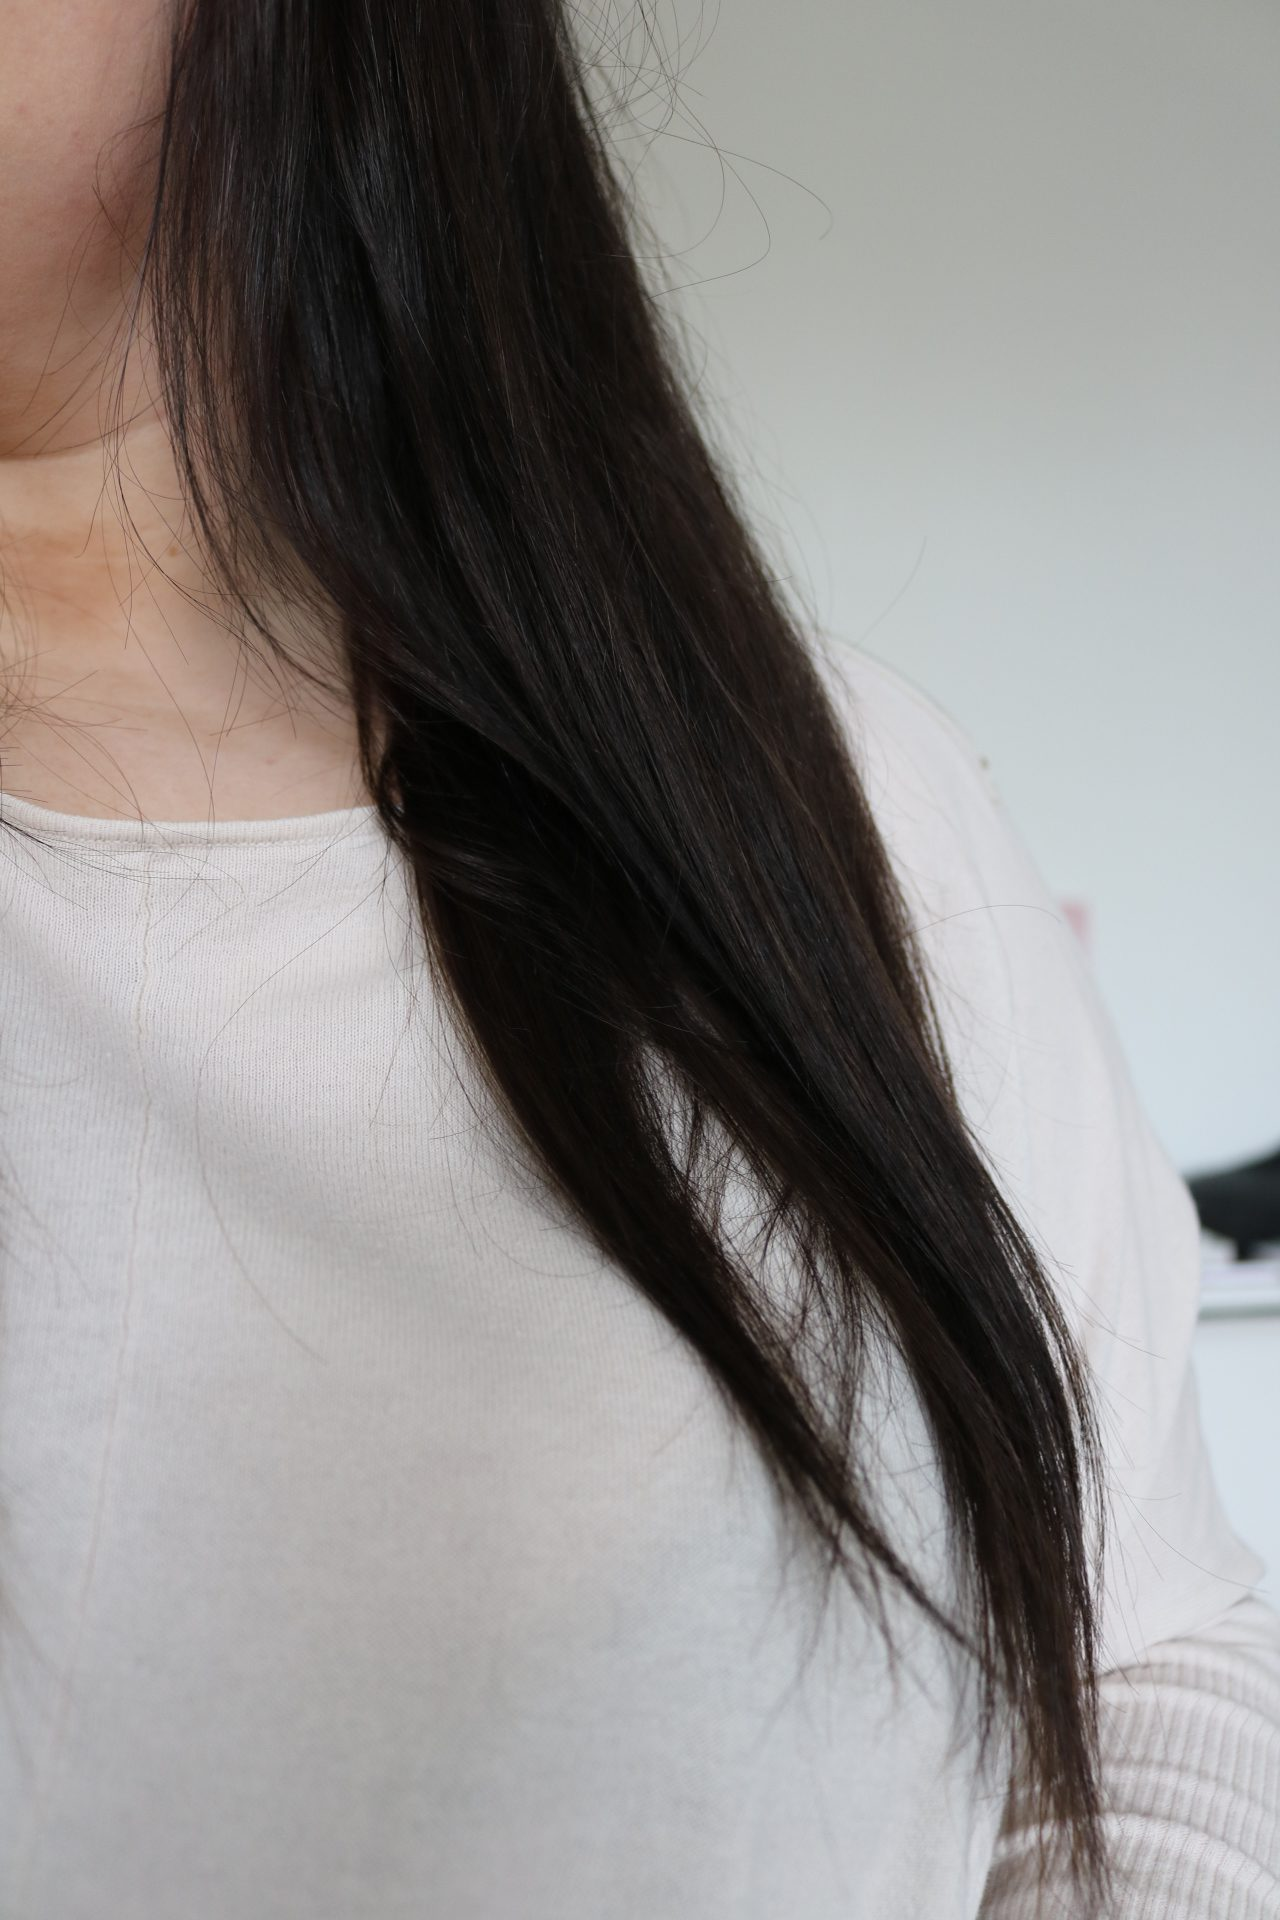 Rädda torrt skadat hår amandahans skönhetsblogg tips